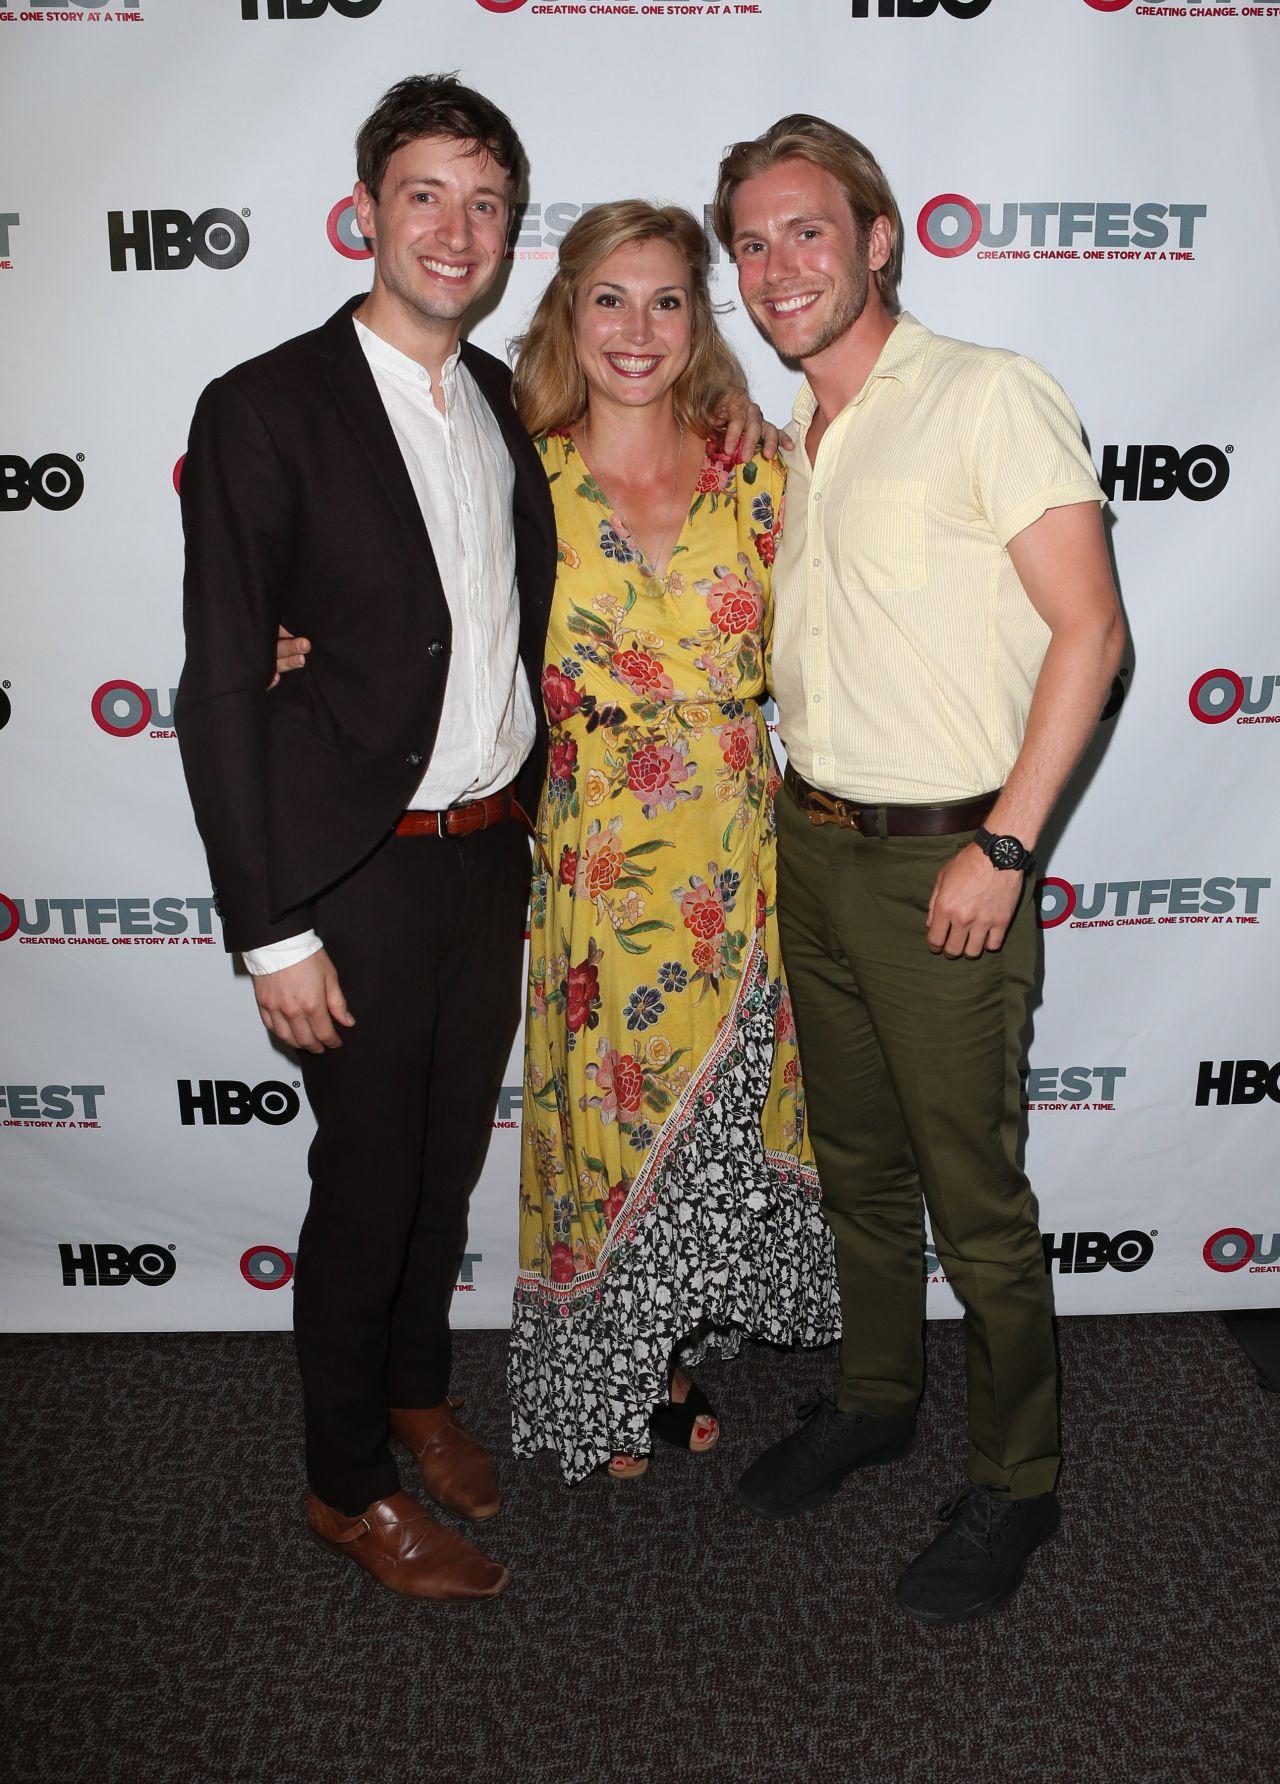 Outfest Film Festival